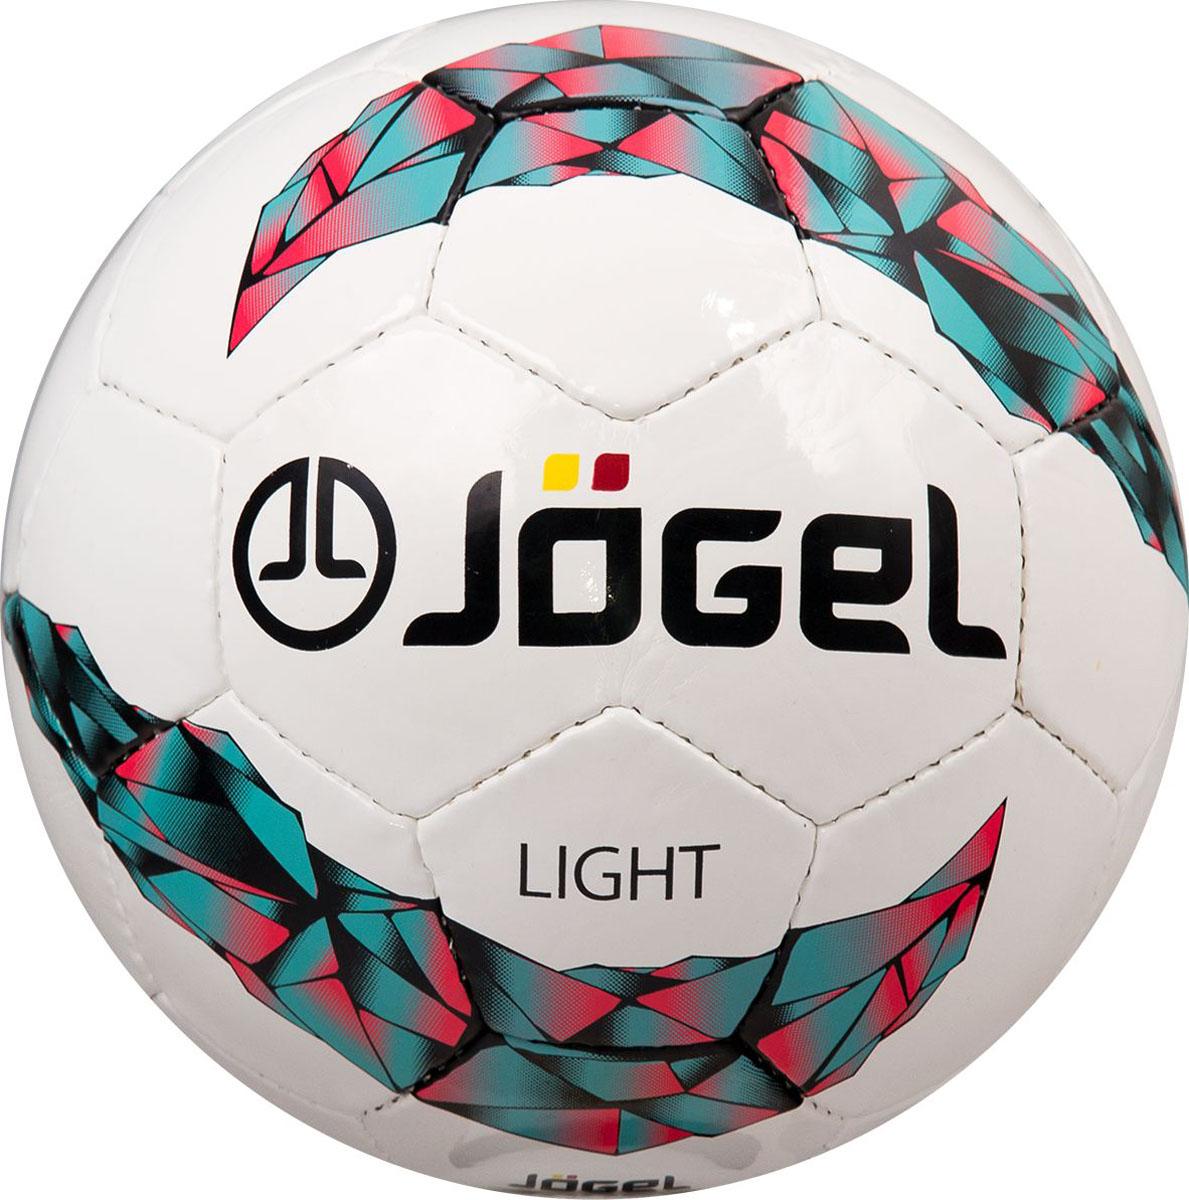 Мяч футбольный Jogel Light, цвет: белый. Размер 4. JS-550УТ-00009687Jogel JS-550 Light - это облегченный мяч ручной сшивки, предназначенный для подростков до 10-12 лет. Вес данного мяча составляет 310-330 г, что меньше веса стандартного мяча размера №4 (350-390 г). По своим техническим характеристикам является практически полным аналогом мяча Derby. Мяч JS-550 Light рекомендован детскими тренерами и соответствует всем требованиям тренировочного процесса для игроков подросткового возраста. Размер №4 предназначается для тренировок детей в возрасте от 10 до 12 лет. Поверхность мяча выполнена из глянцевой синтетической кожи (полиуретан) толщиной 1,0 мм. Мяч имеет 3 подкладочных слоя на нетканой основе (смесь хлопка с полиэстером) и оснащен латексной камерой с бутиловым ниппелем, обеспечивающим долгое сохранение воздуха в камере.Уникальной особенностью, характерной для бренда Jogel, является традиционная конструкция мячей из 30 панелей.